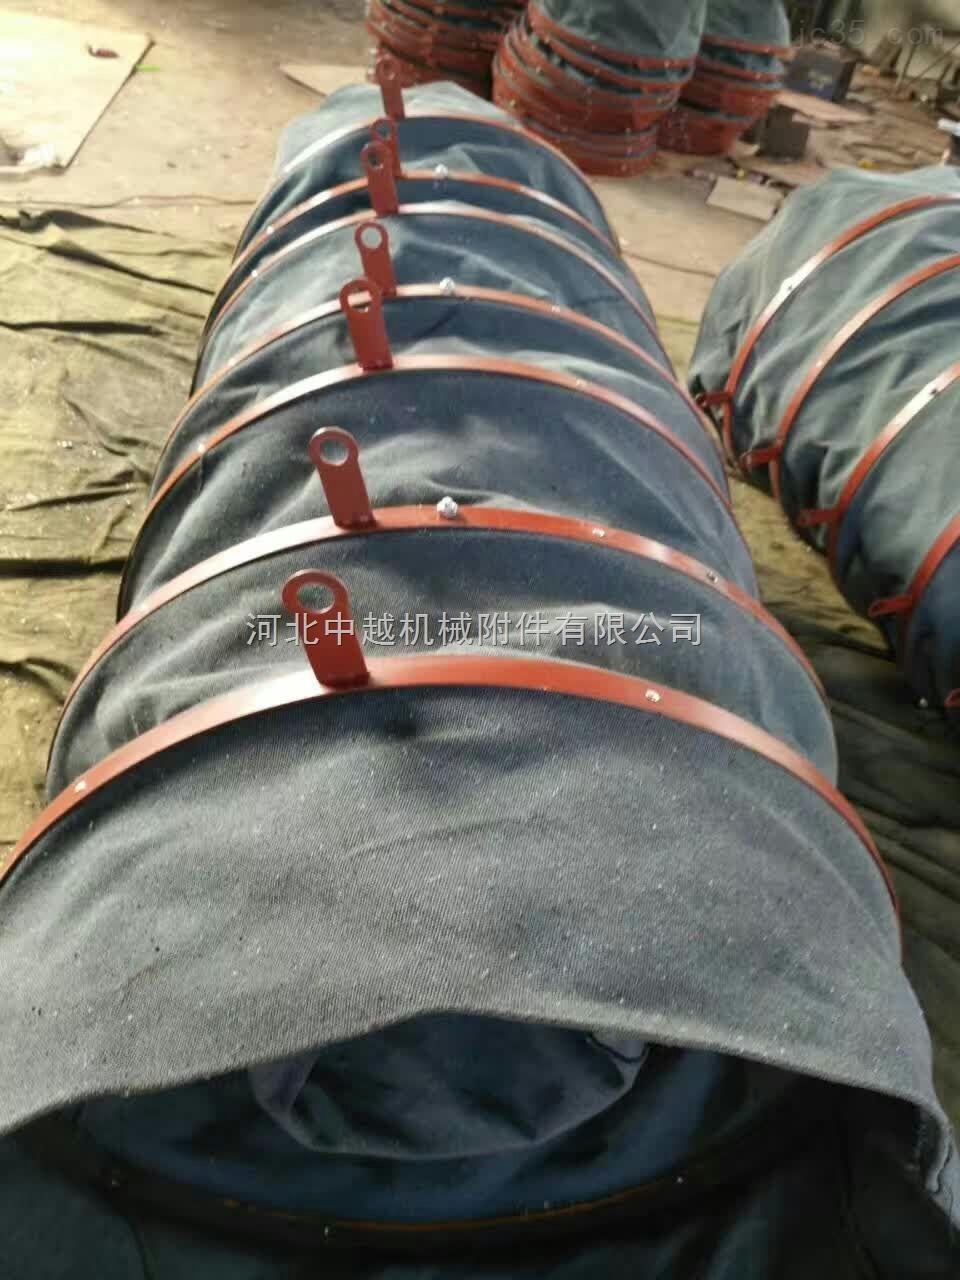 纯棉帆布吊环式水泥散装伸缩布袋长期供应